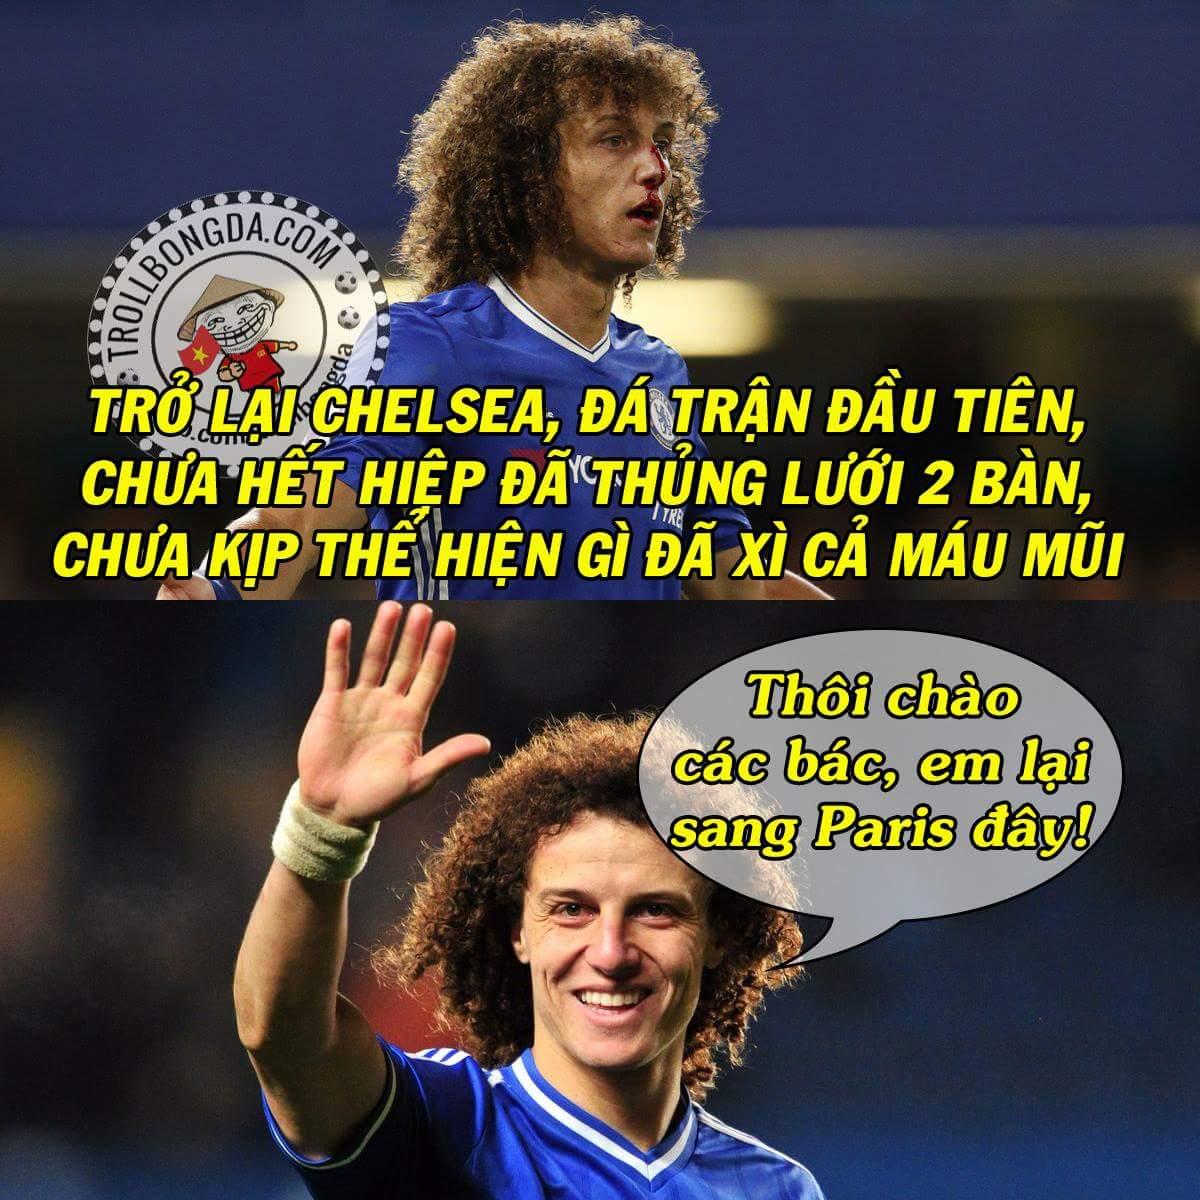 Hết hiệp 1: Chelsea 0-2 Liverpool. Liverpool quá hay và hiệu quả. Chờ Conte trổ tài trong hiệp 2....